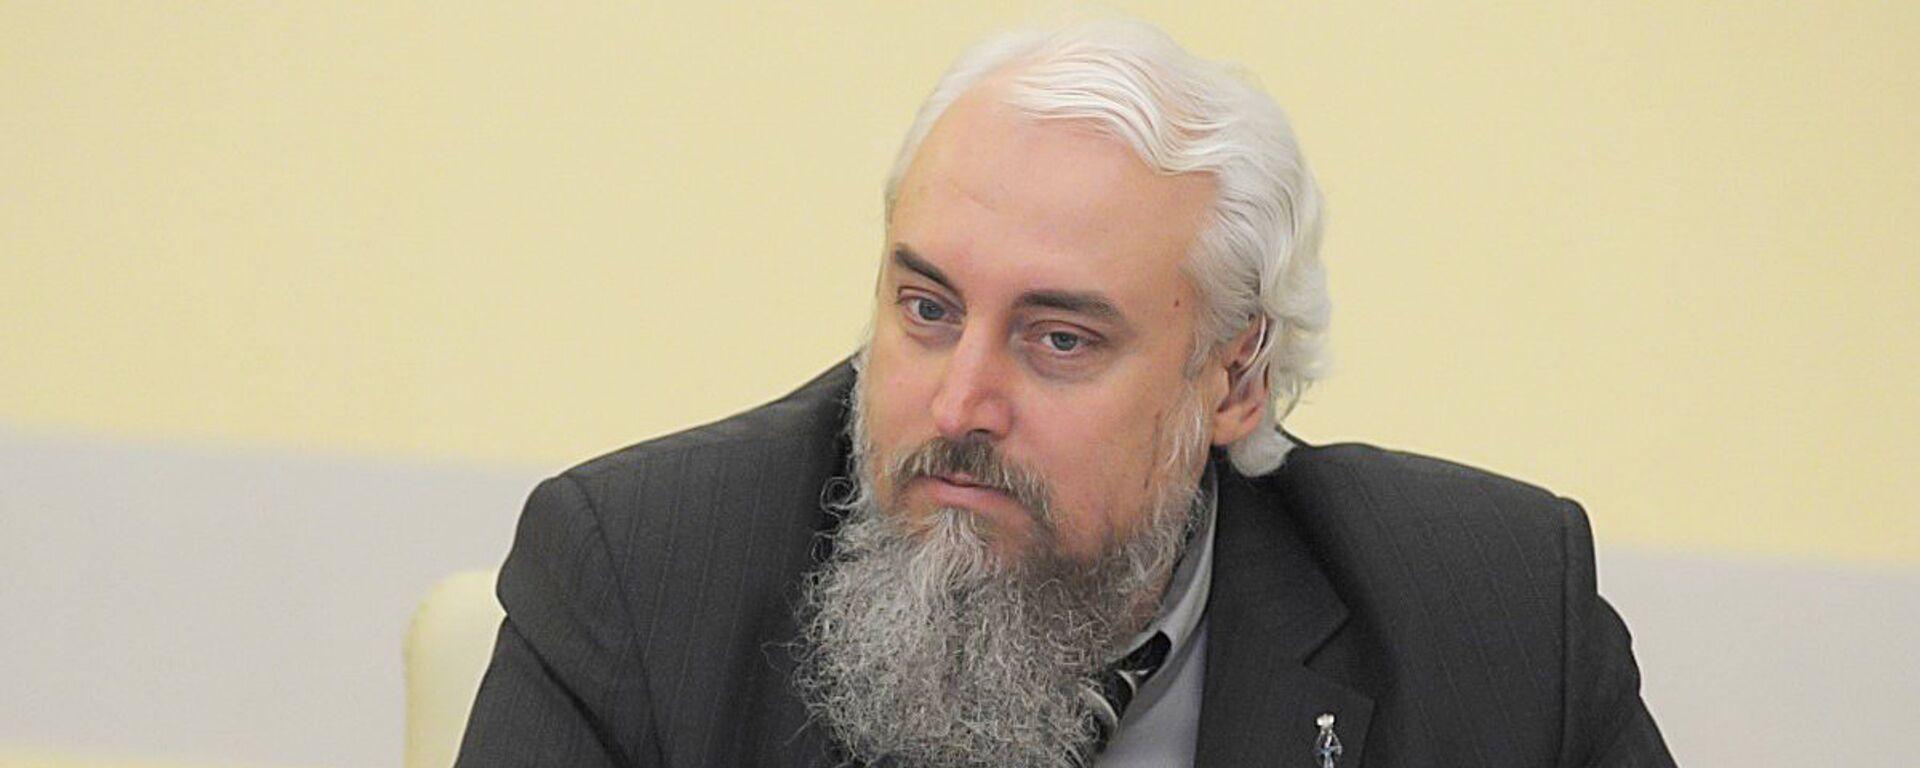 Политолог, кандидат исторических наук Михаил Смолин - Sputnik Латвия, 1920, 28.01.2020